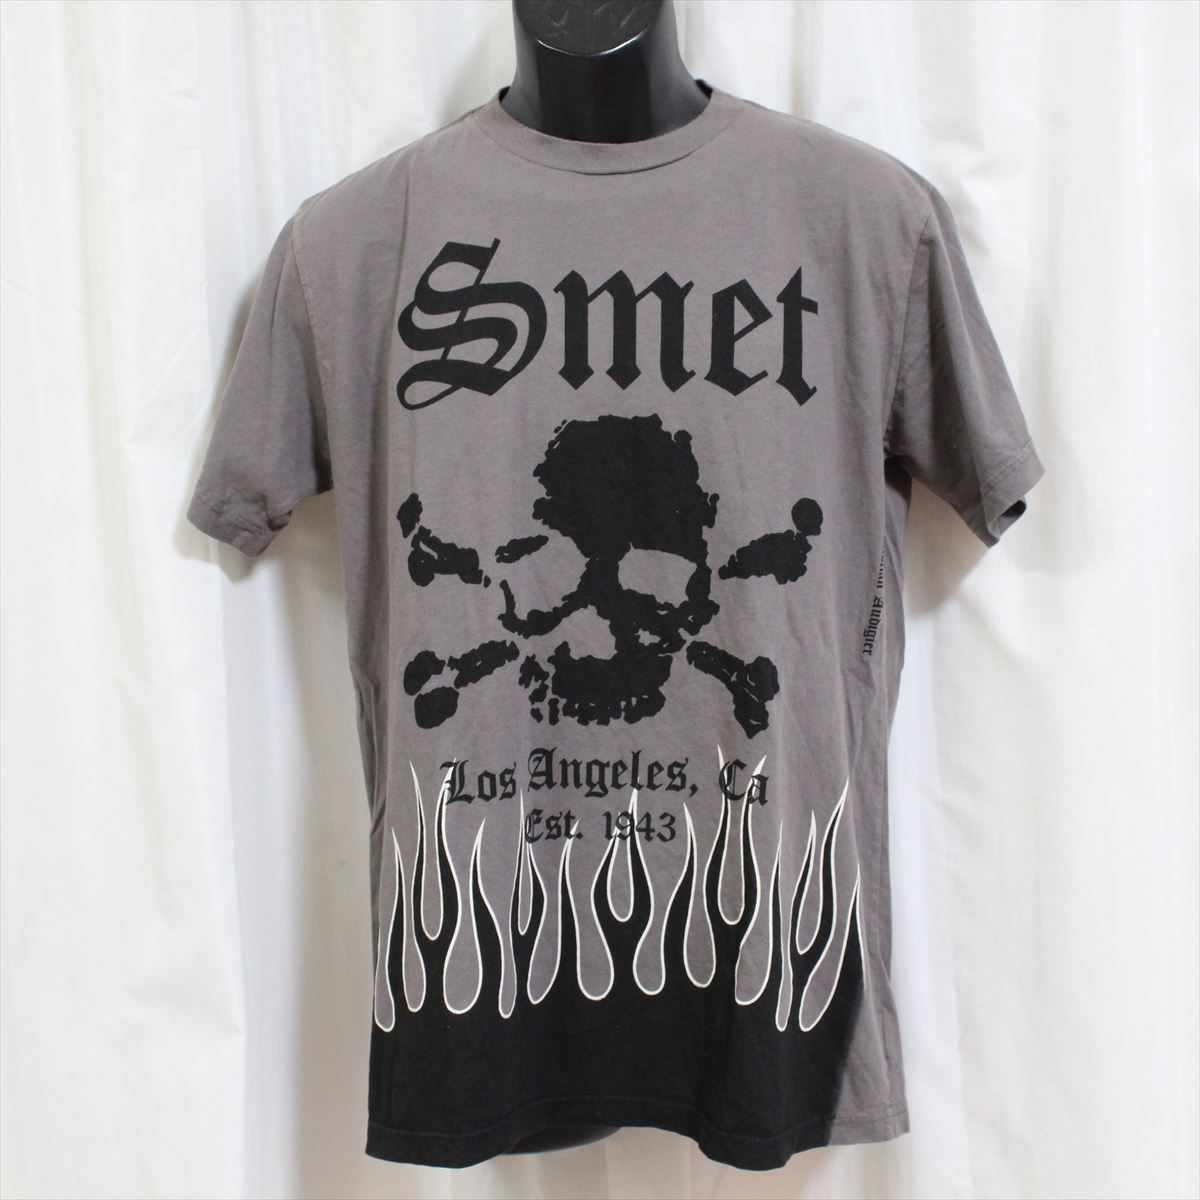 スメット SMET メンズ半袖Tシャツ グレー Mサイズ NO1 新品_画像1